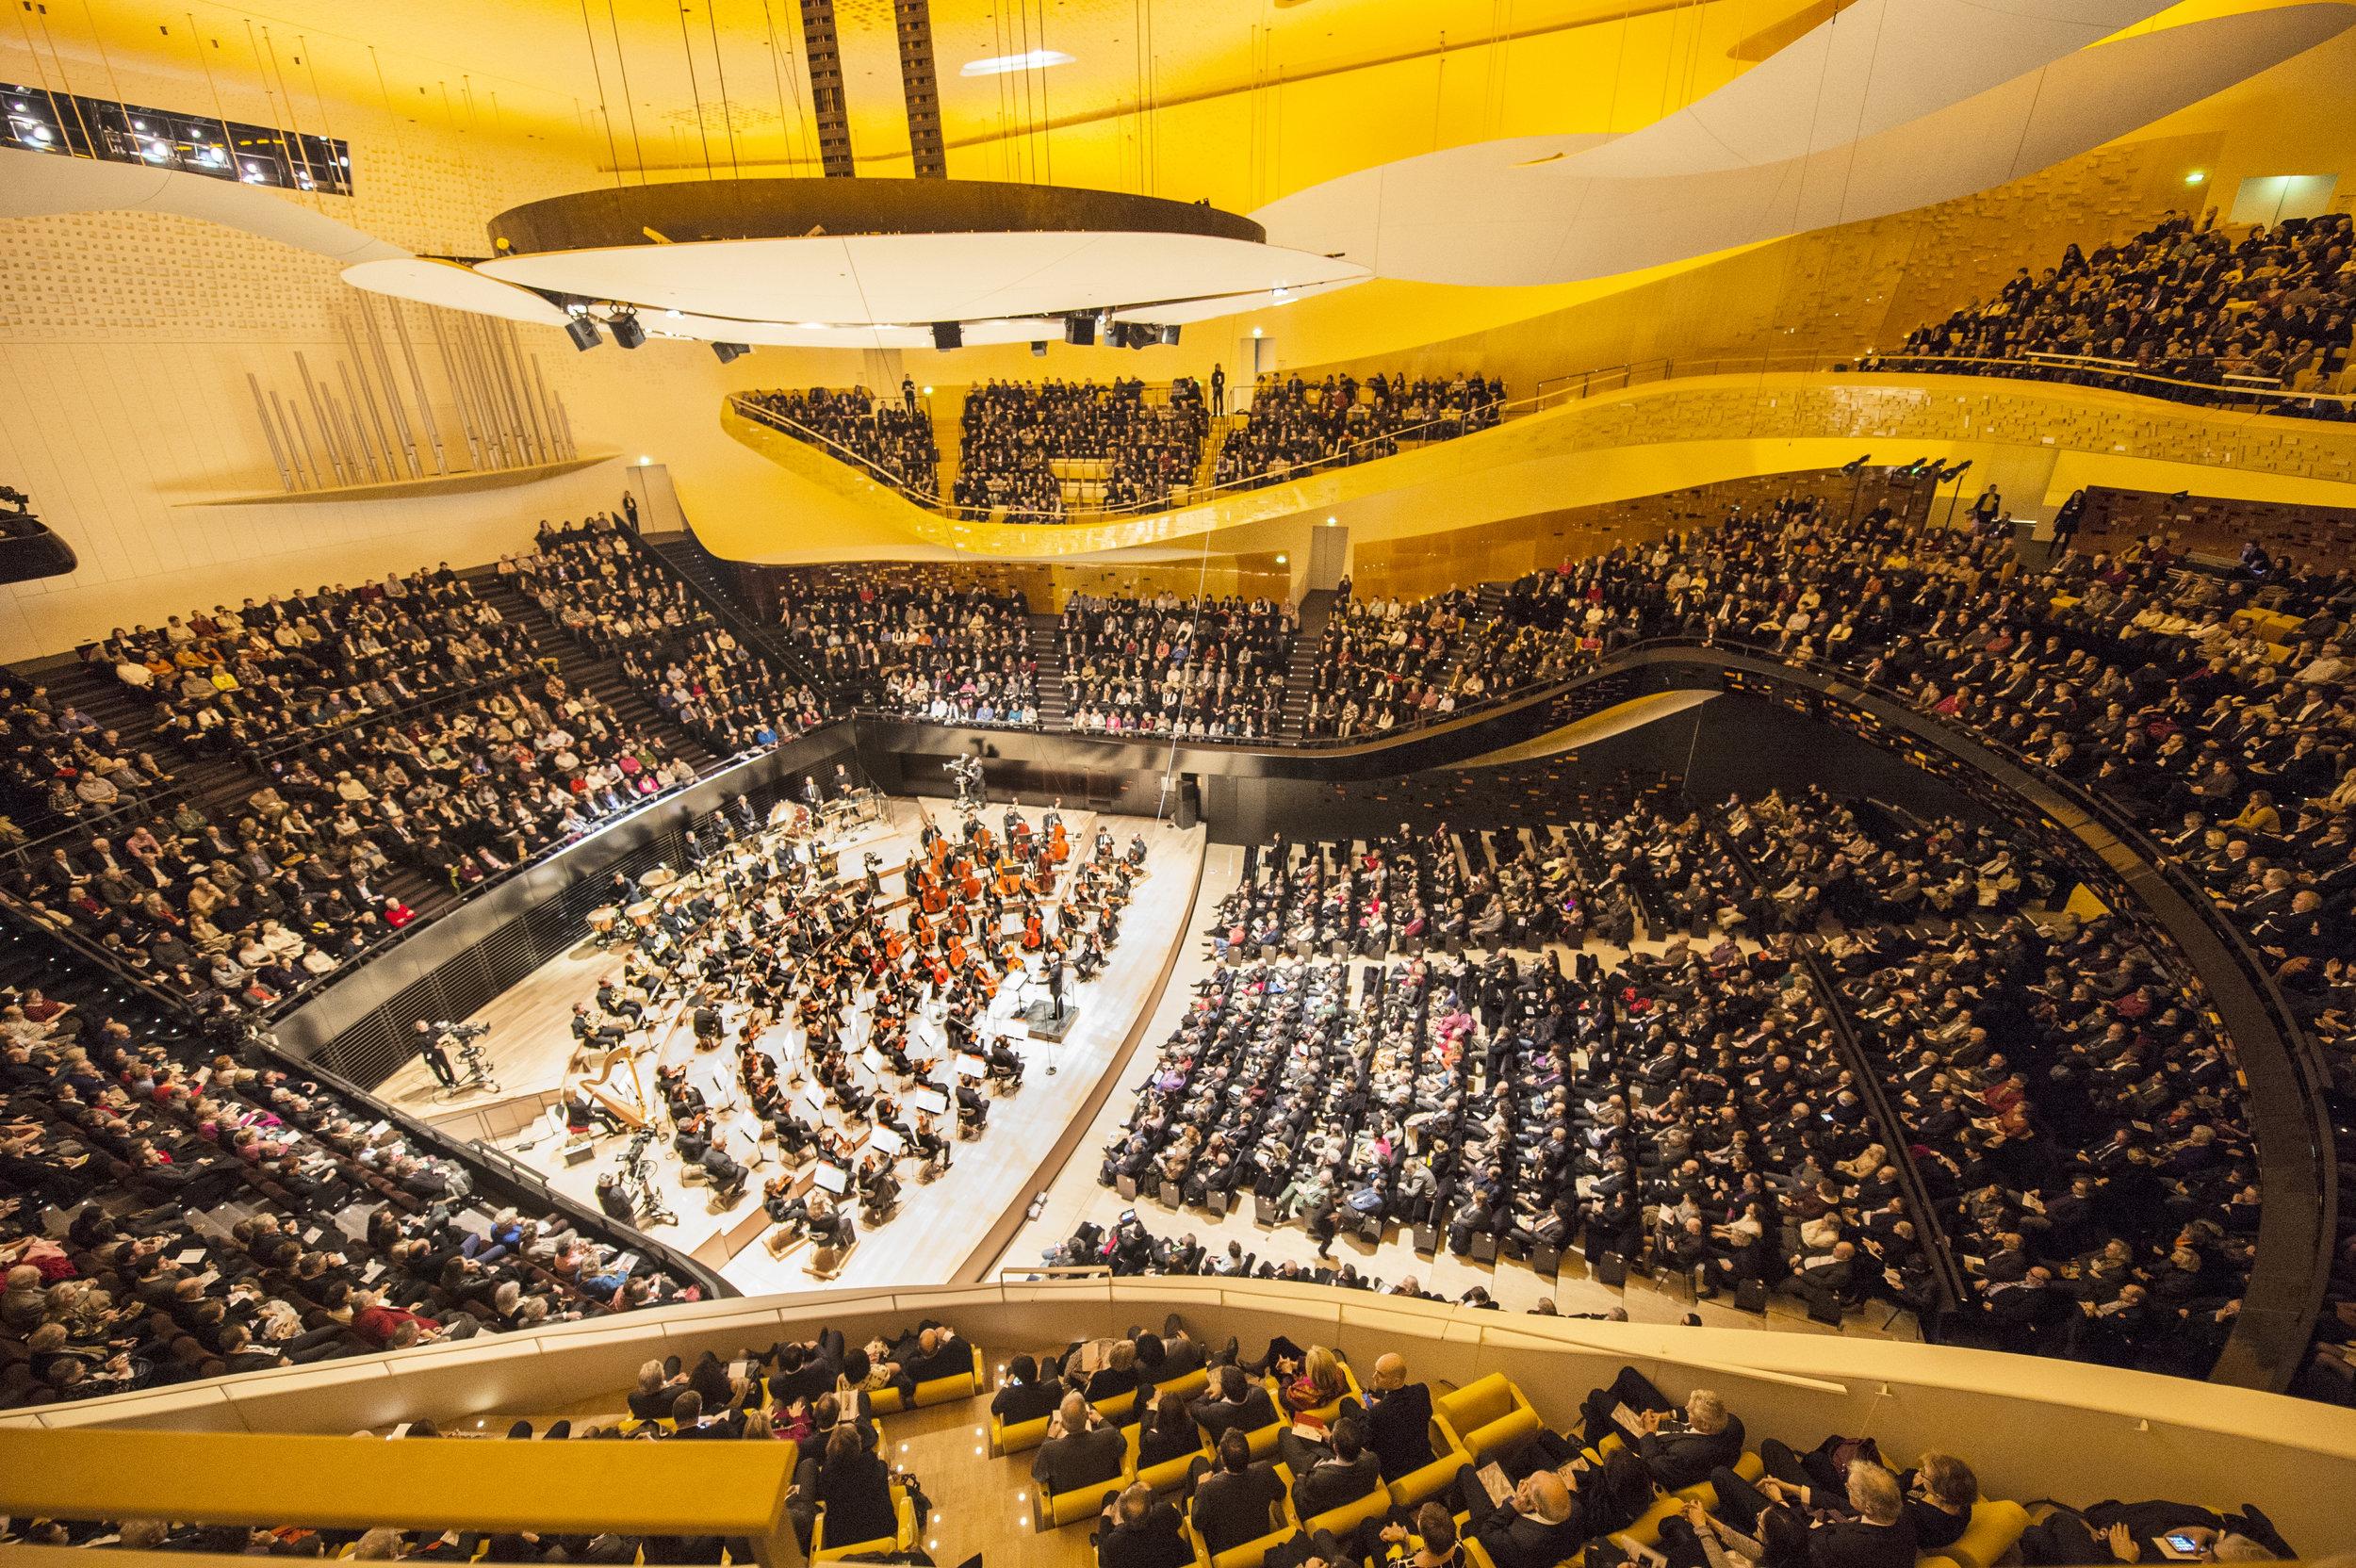 GALA_Concert-15-01-2015©Beaucardet-11.jpg